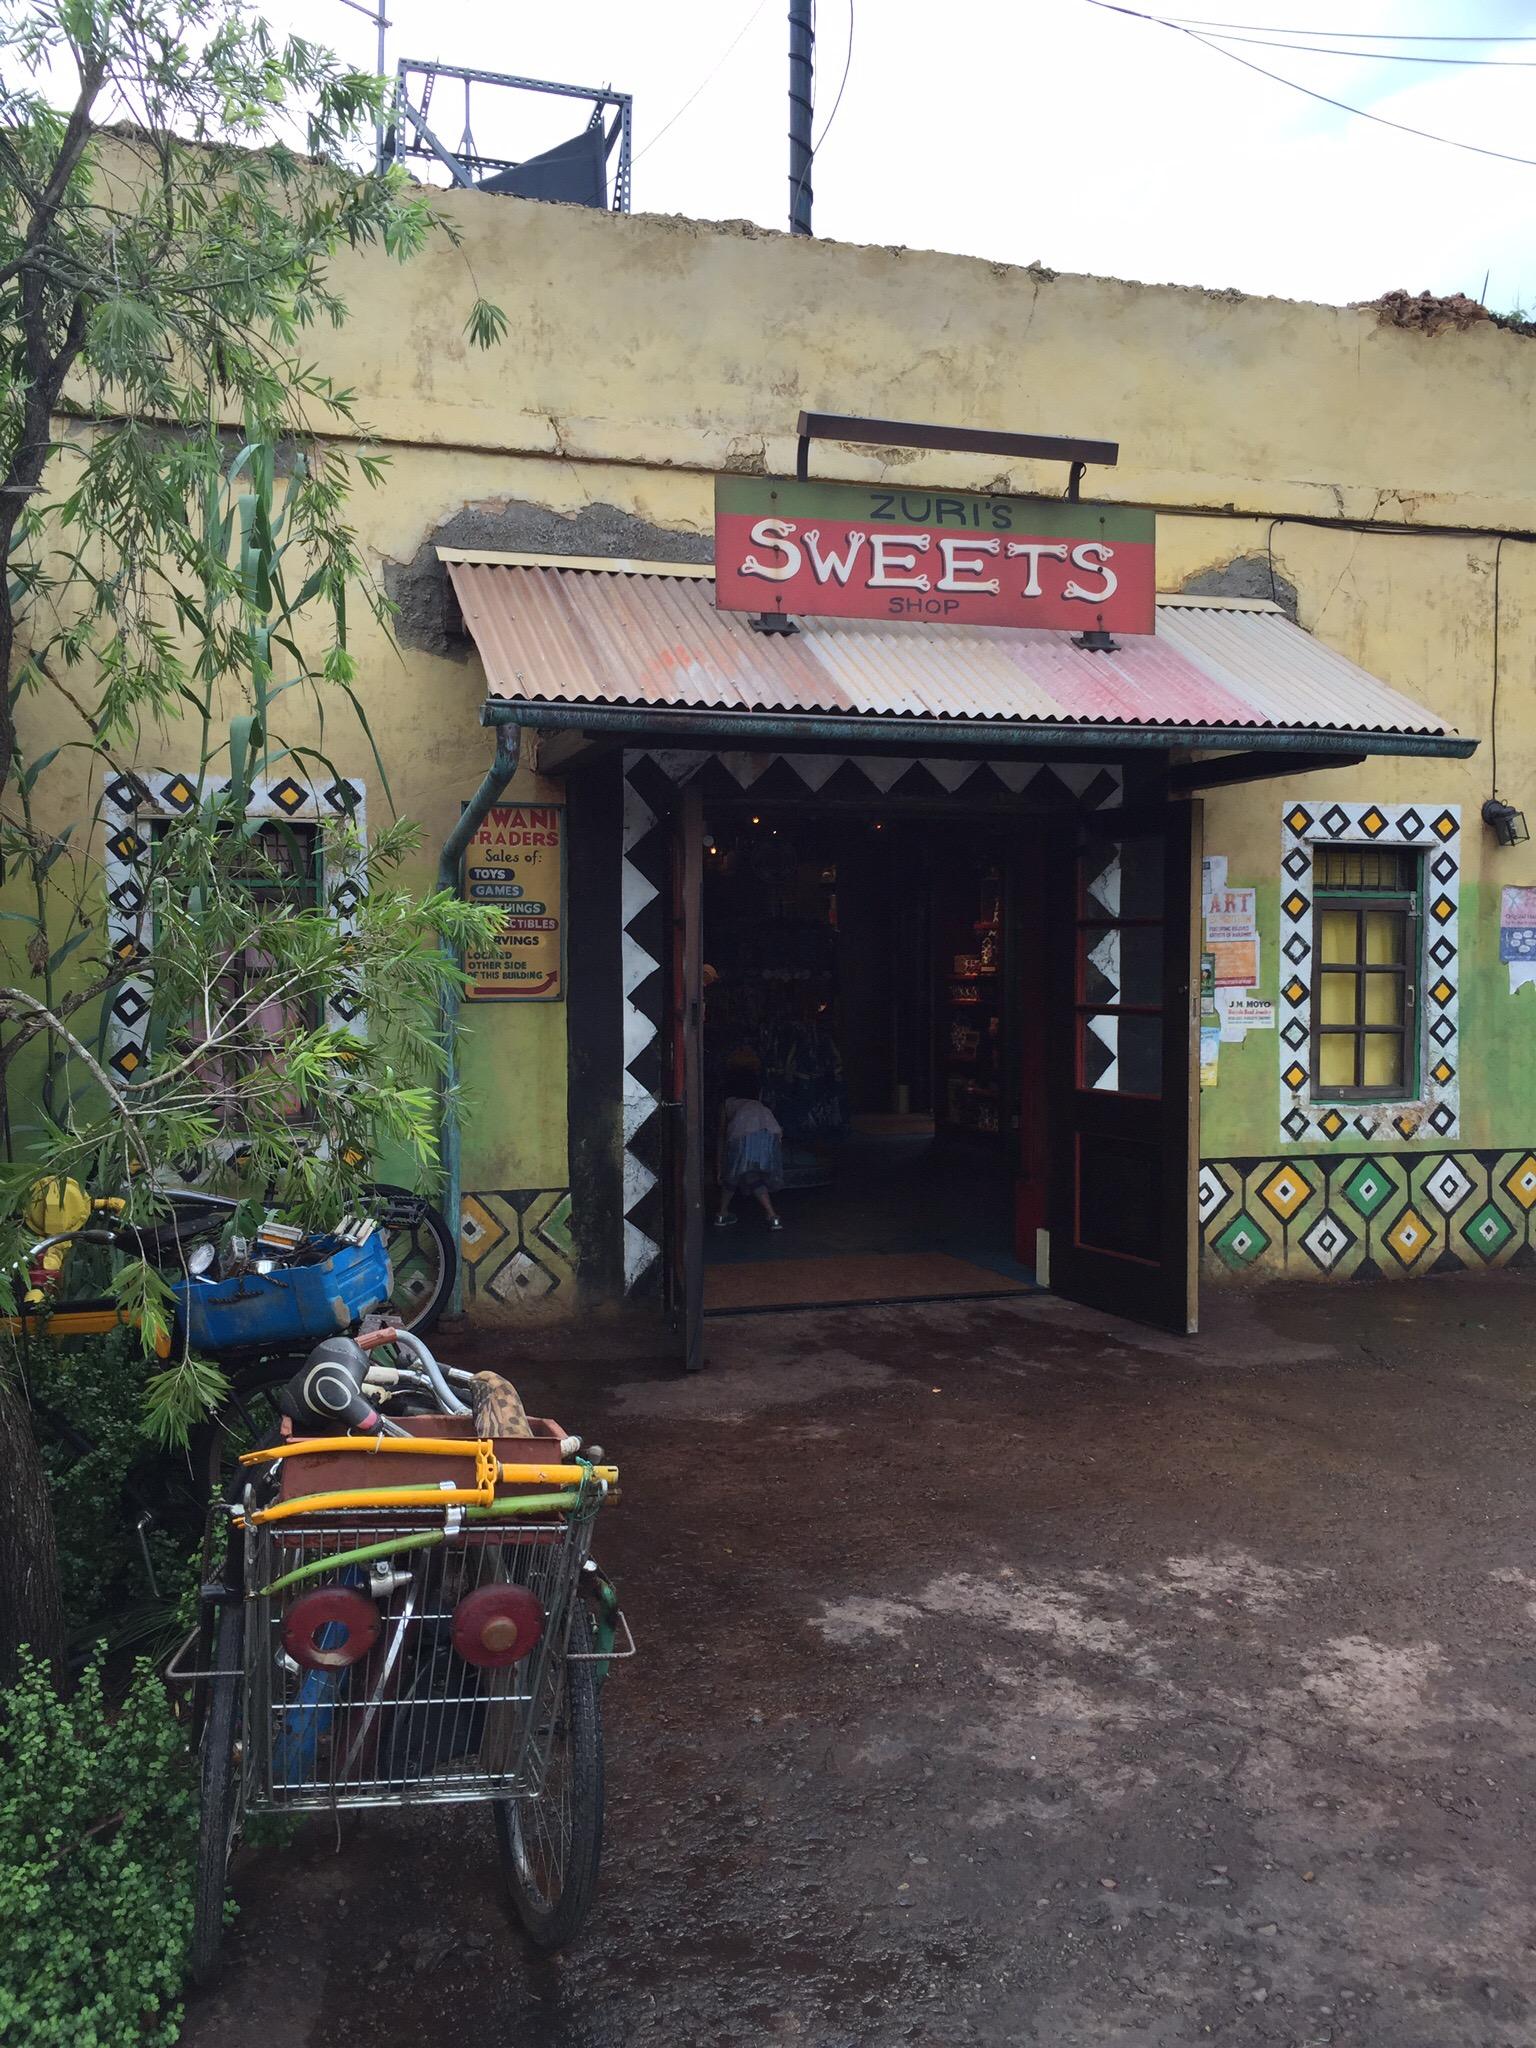 Zuri's Sweets, Disney's Animal Kingdom